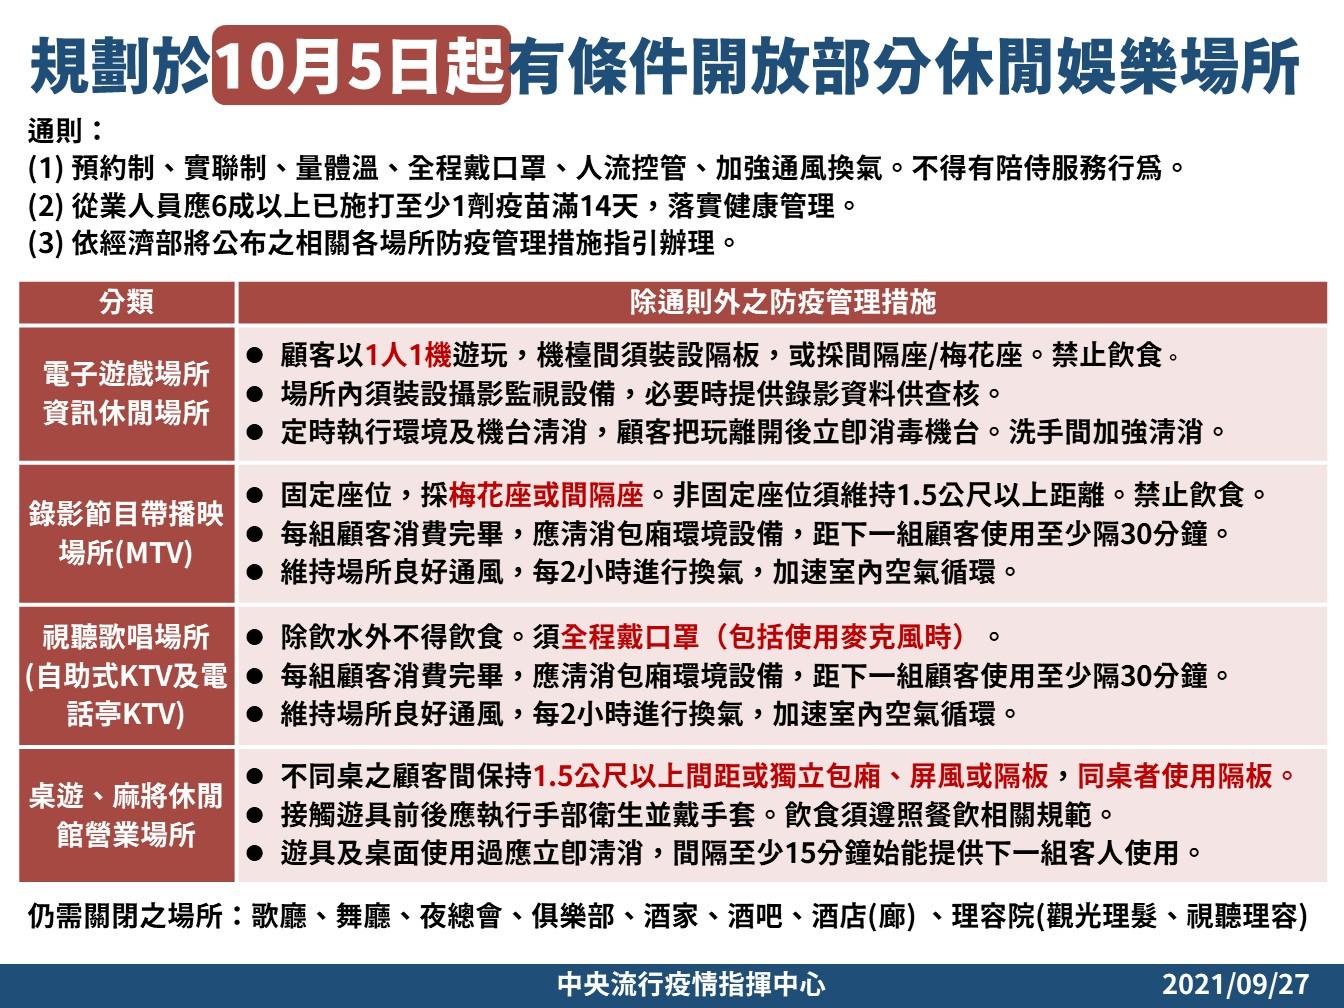 10/5起有條件開放部分休閒娛樂場所,歌廳、酒吧等仍維持關閉。圖:指揮中心/提供